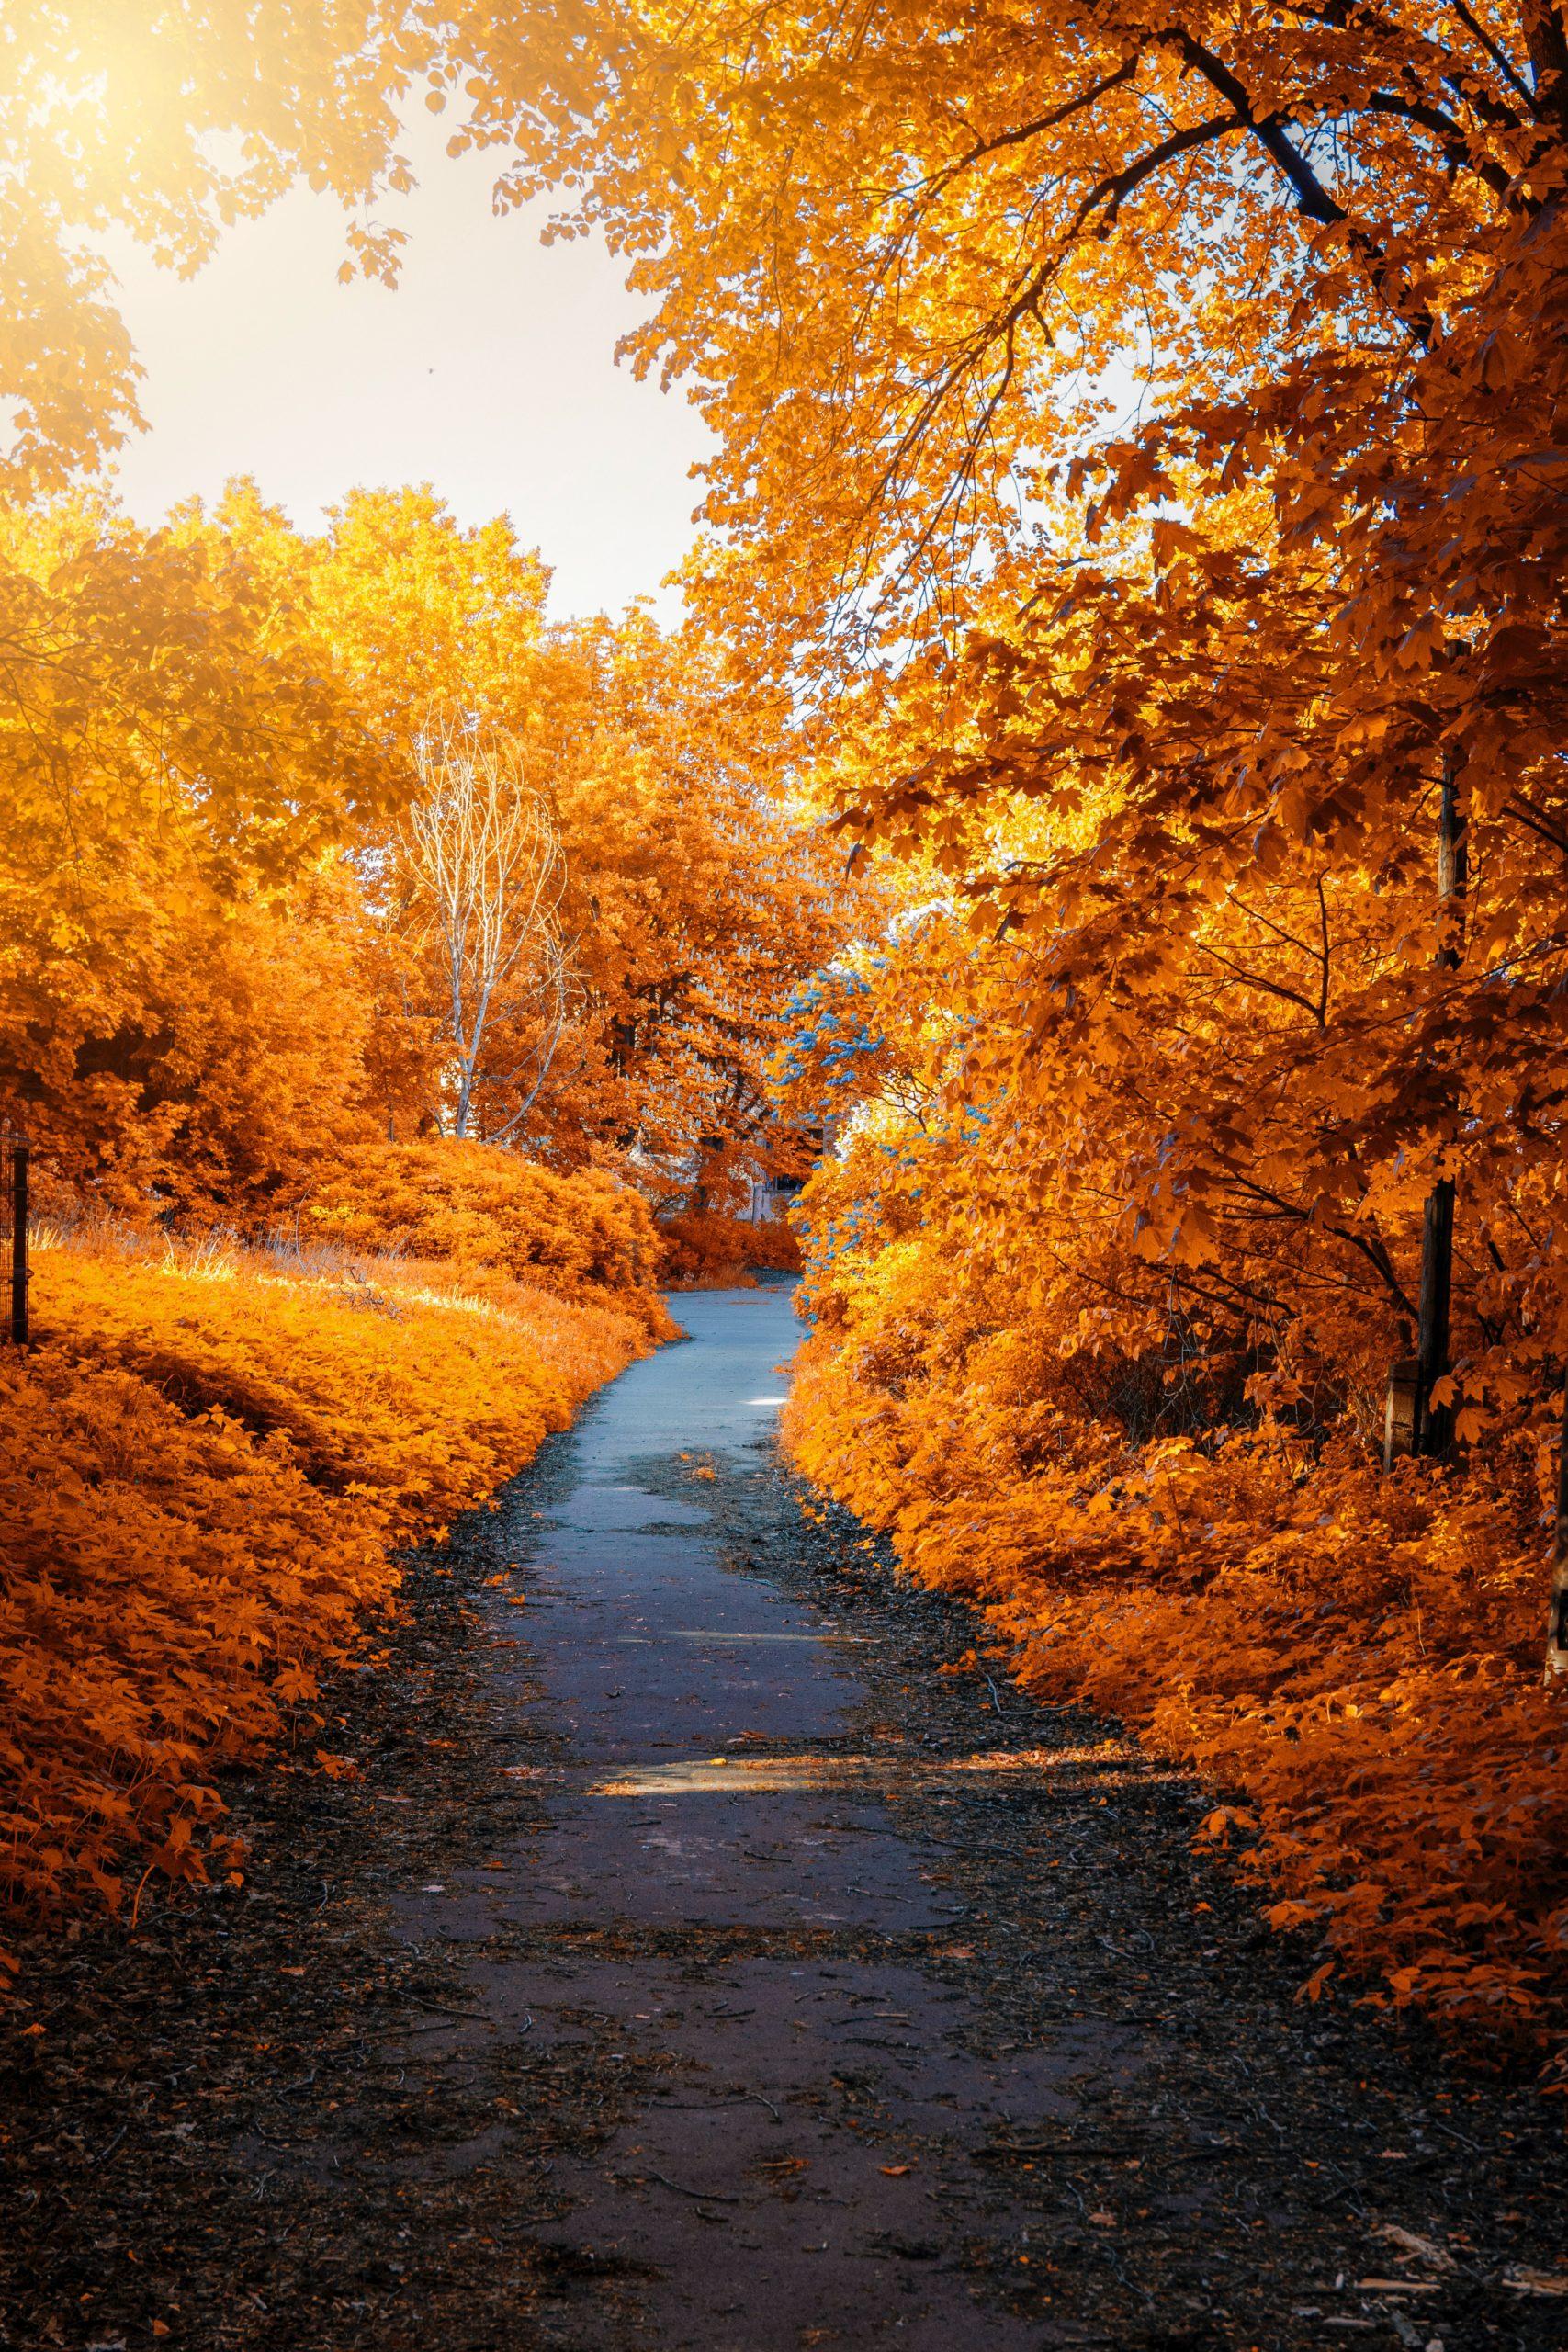 Zdjęci eprzedstawiające kolorowe jesienne drzewa